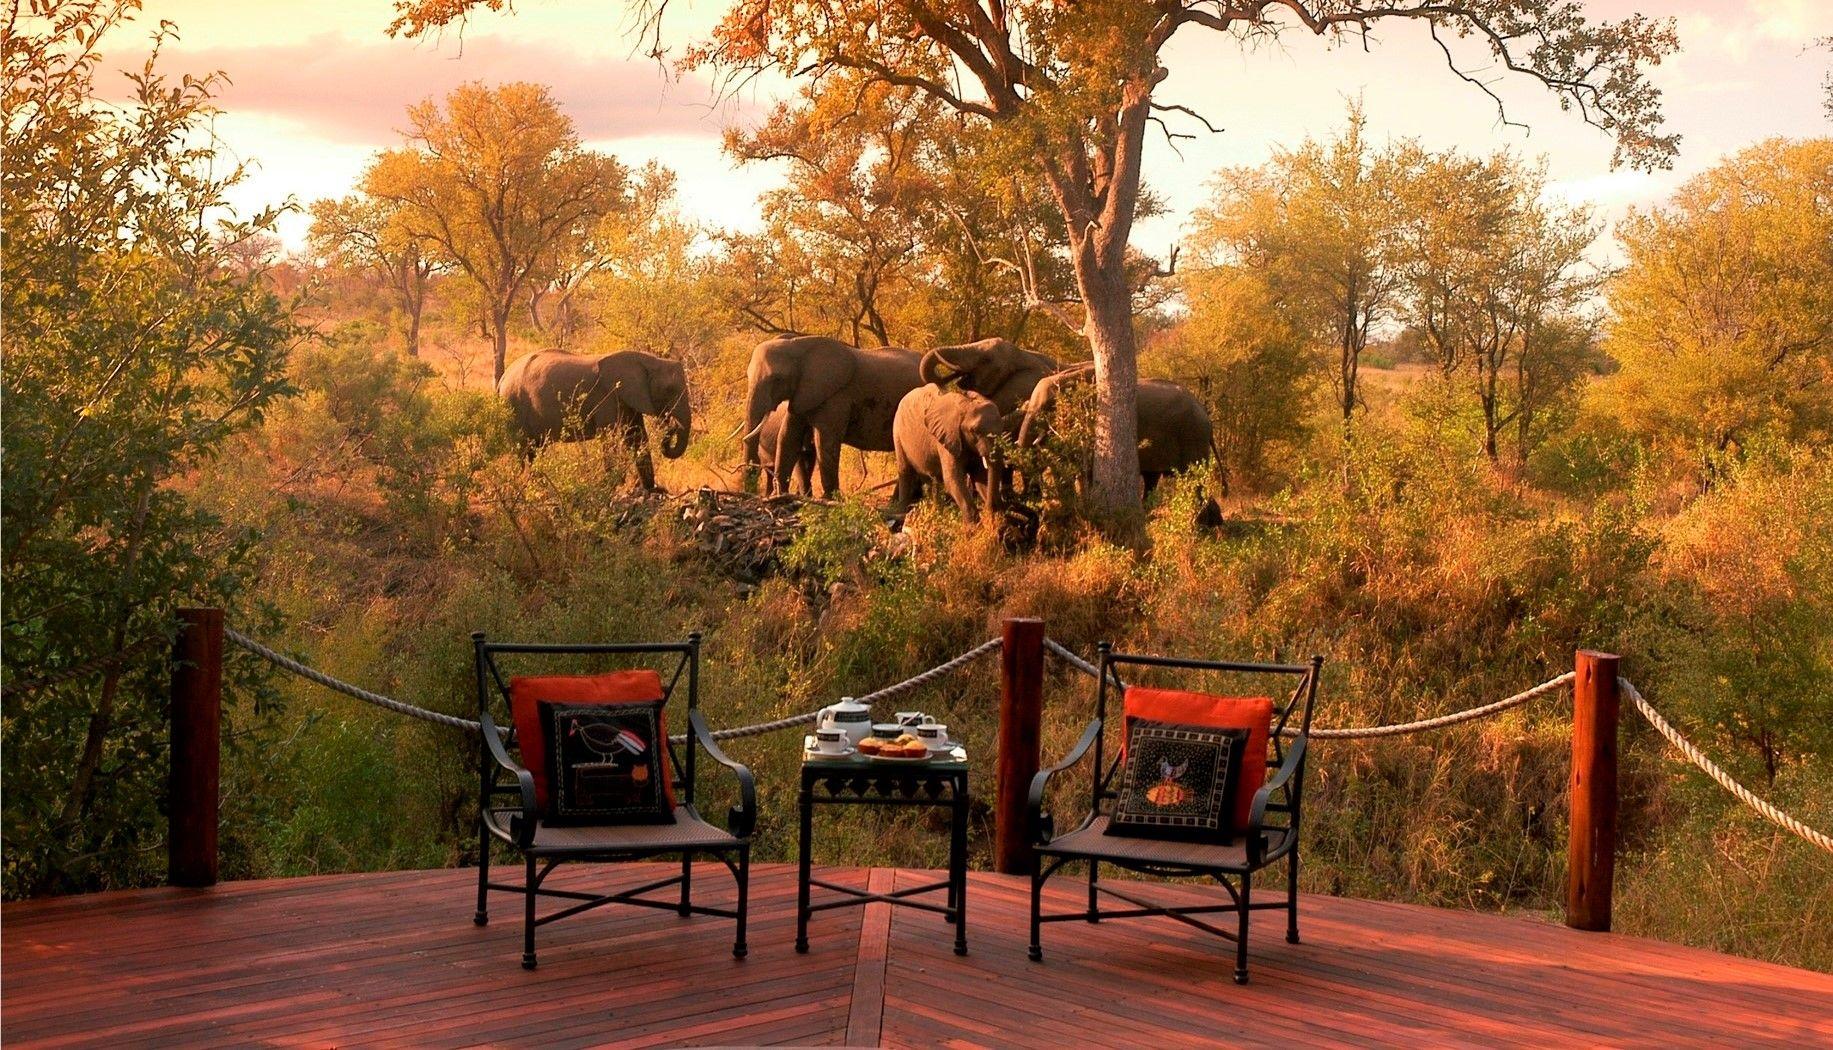 Sfeerimpressie Autorondreis Zuid-Afrika: Country House en Safari Lodge